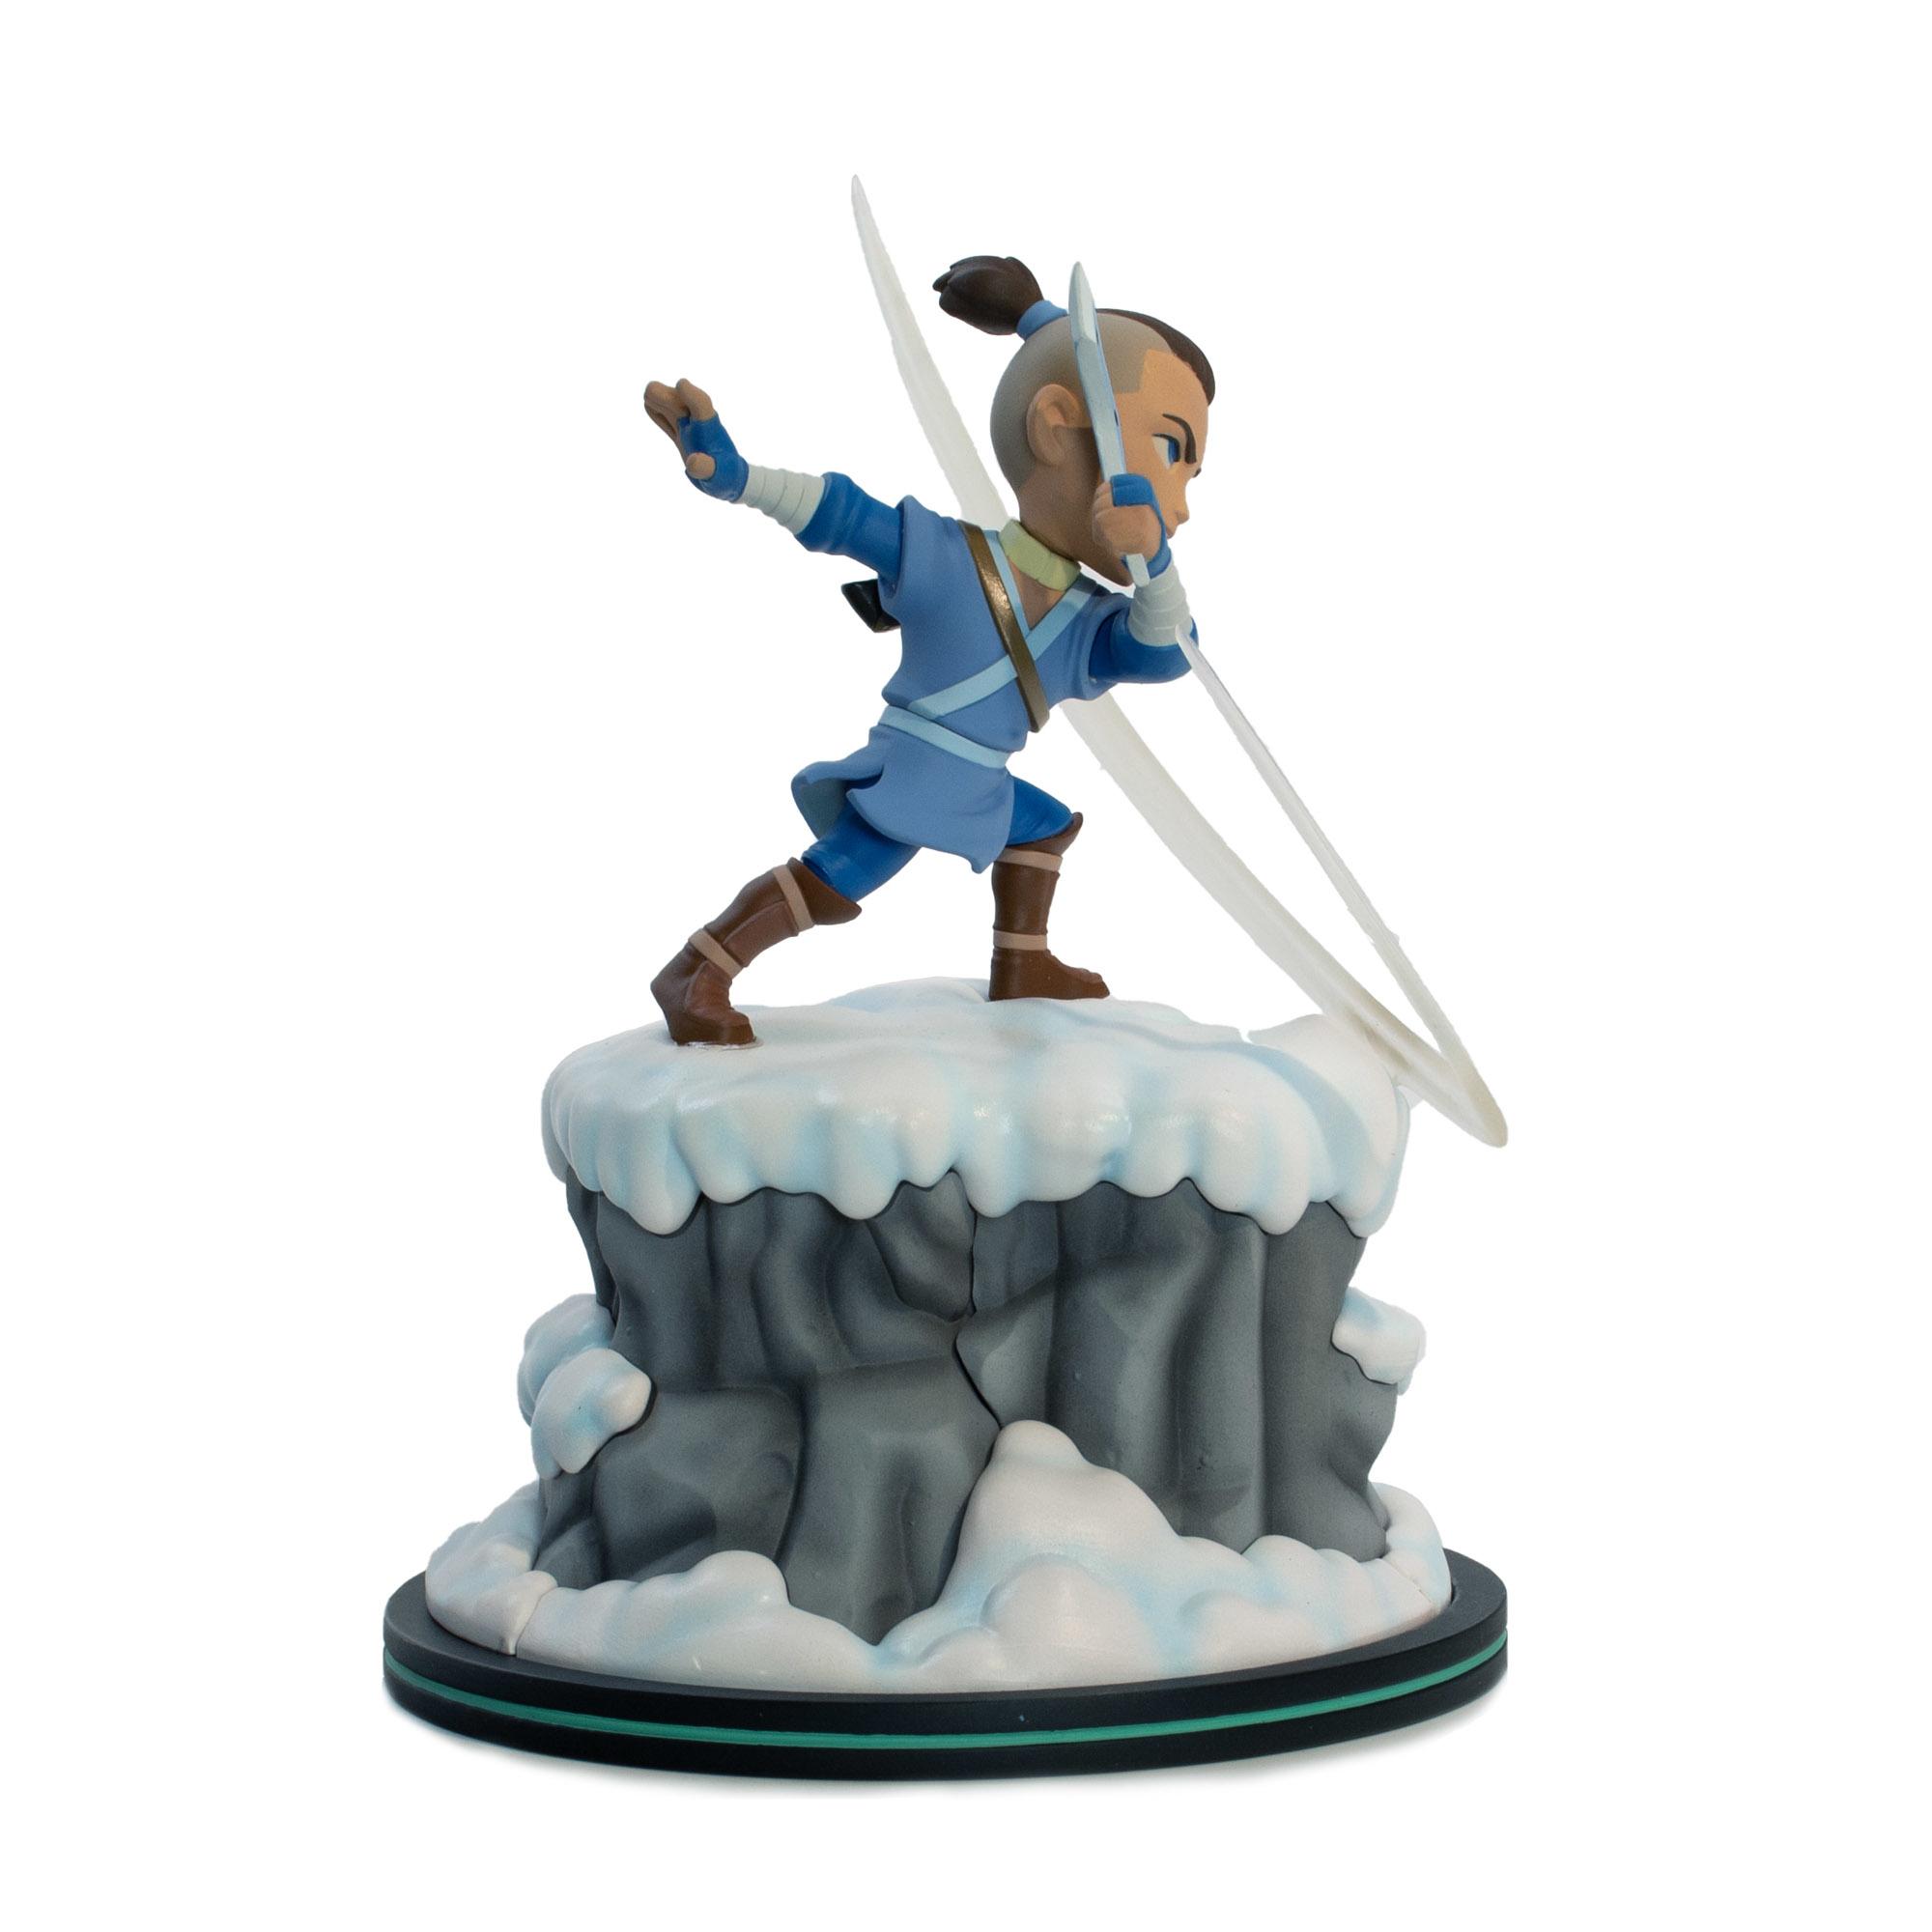 Avatar The Last Airbender - Sokka Max Elite Diorama Figure